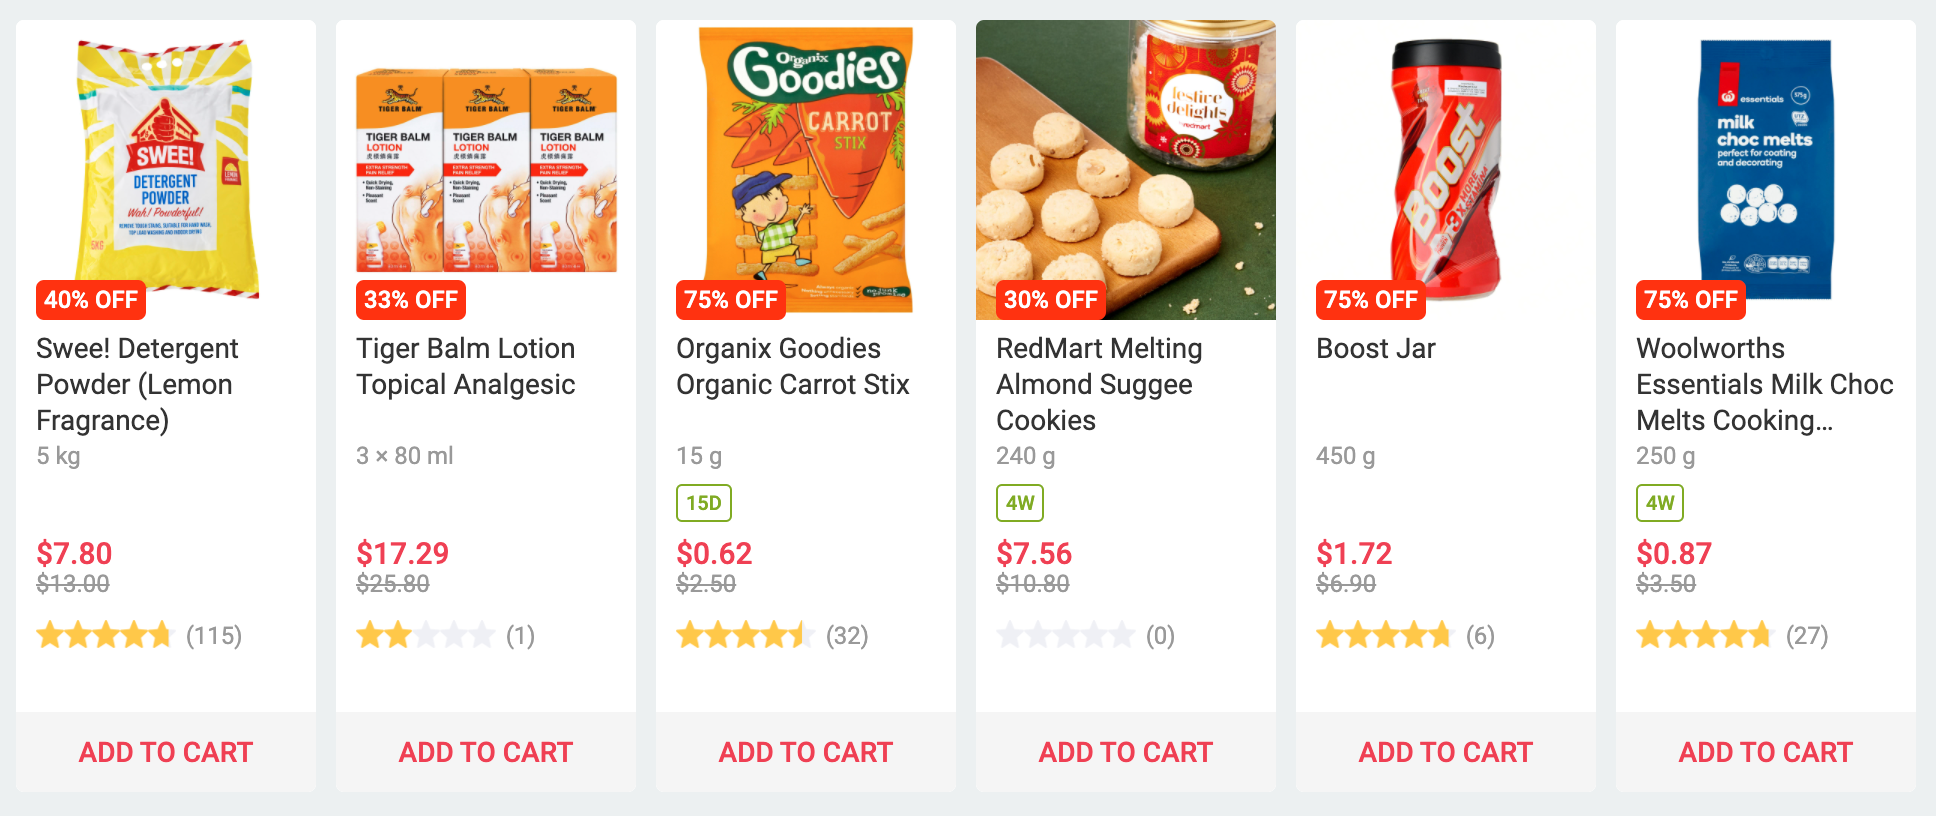 Redmart Online Grocery Stores